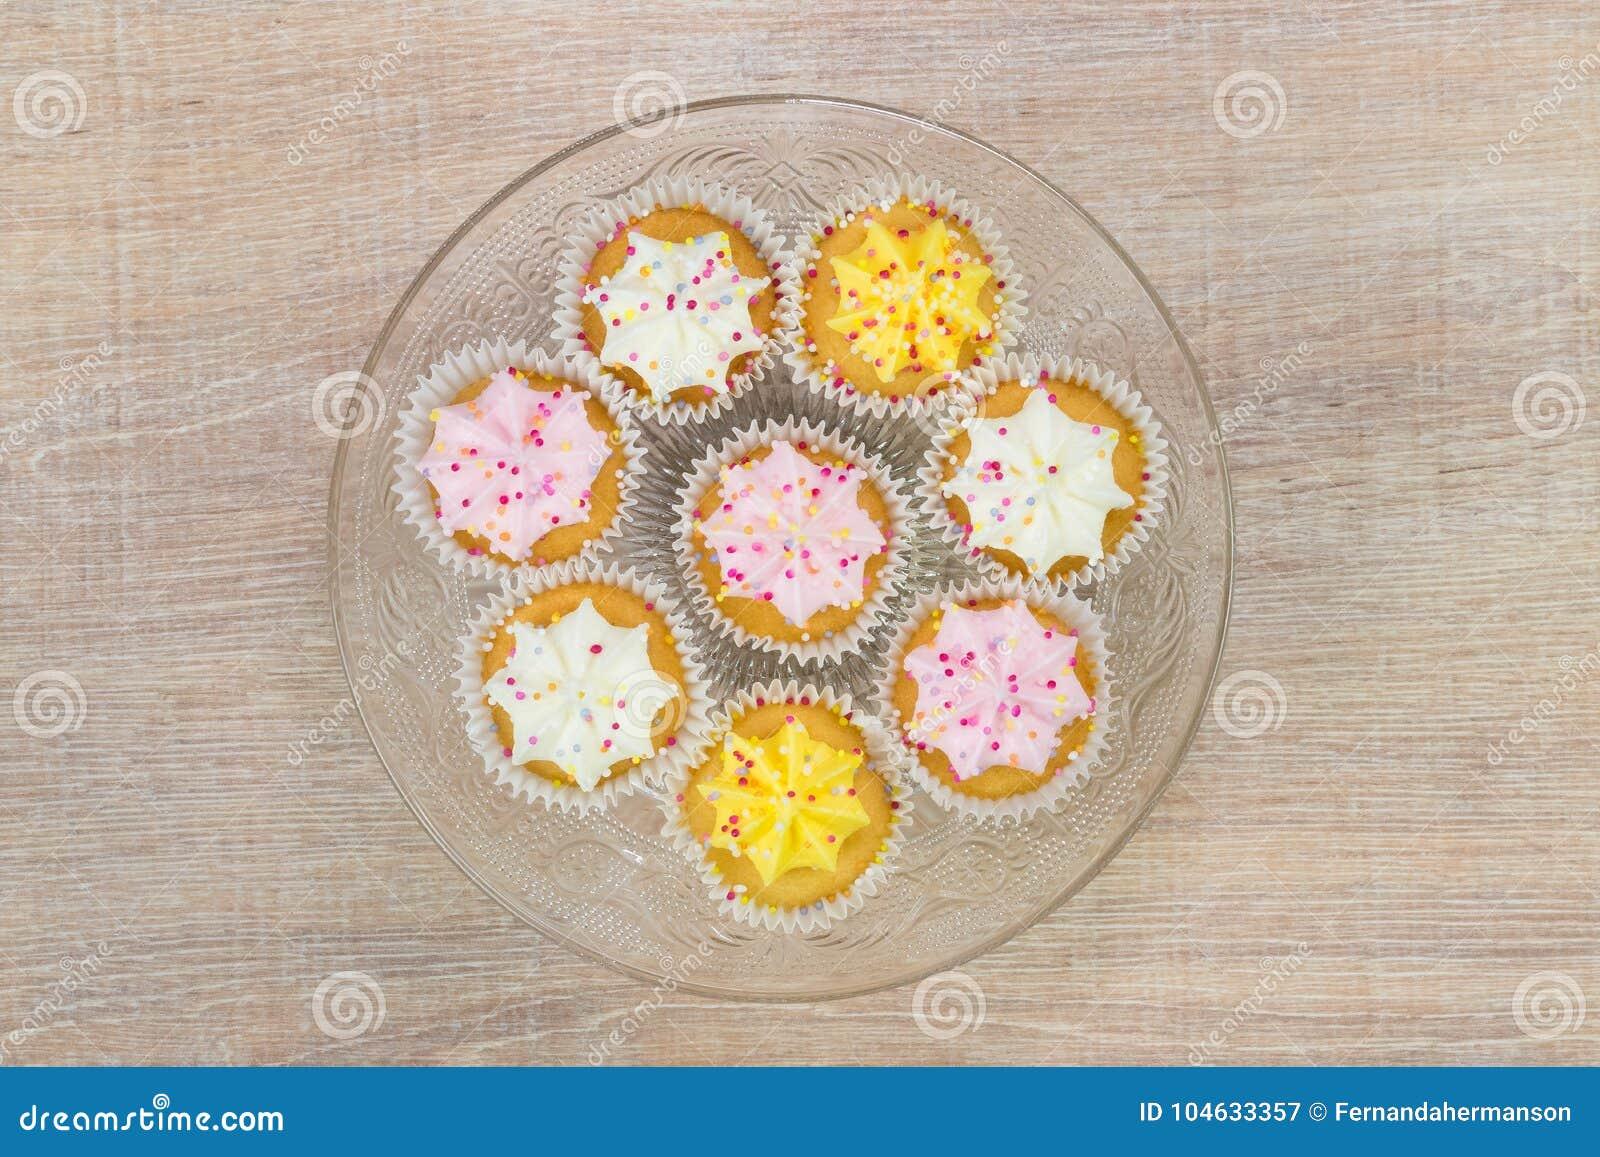 Download Kleurrijke Cupcakes Op Een Houten Lijstachtergrond Stock Afbeelding - Afbeelding bestaande uit gastronomisch, gebakken: 104633357